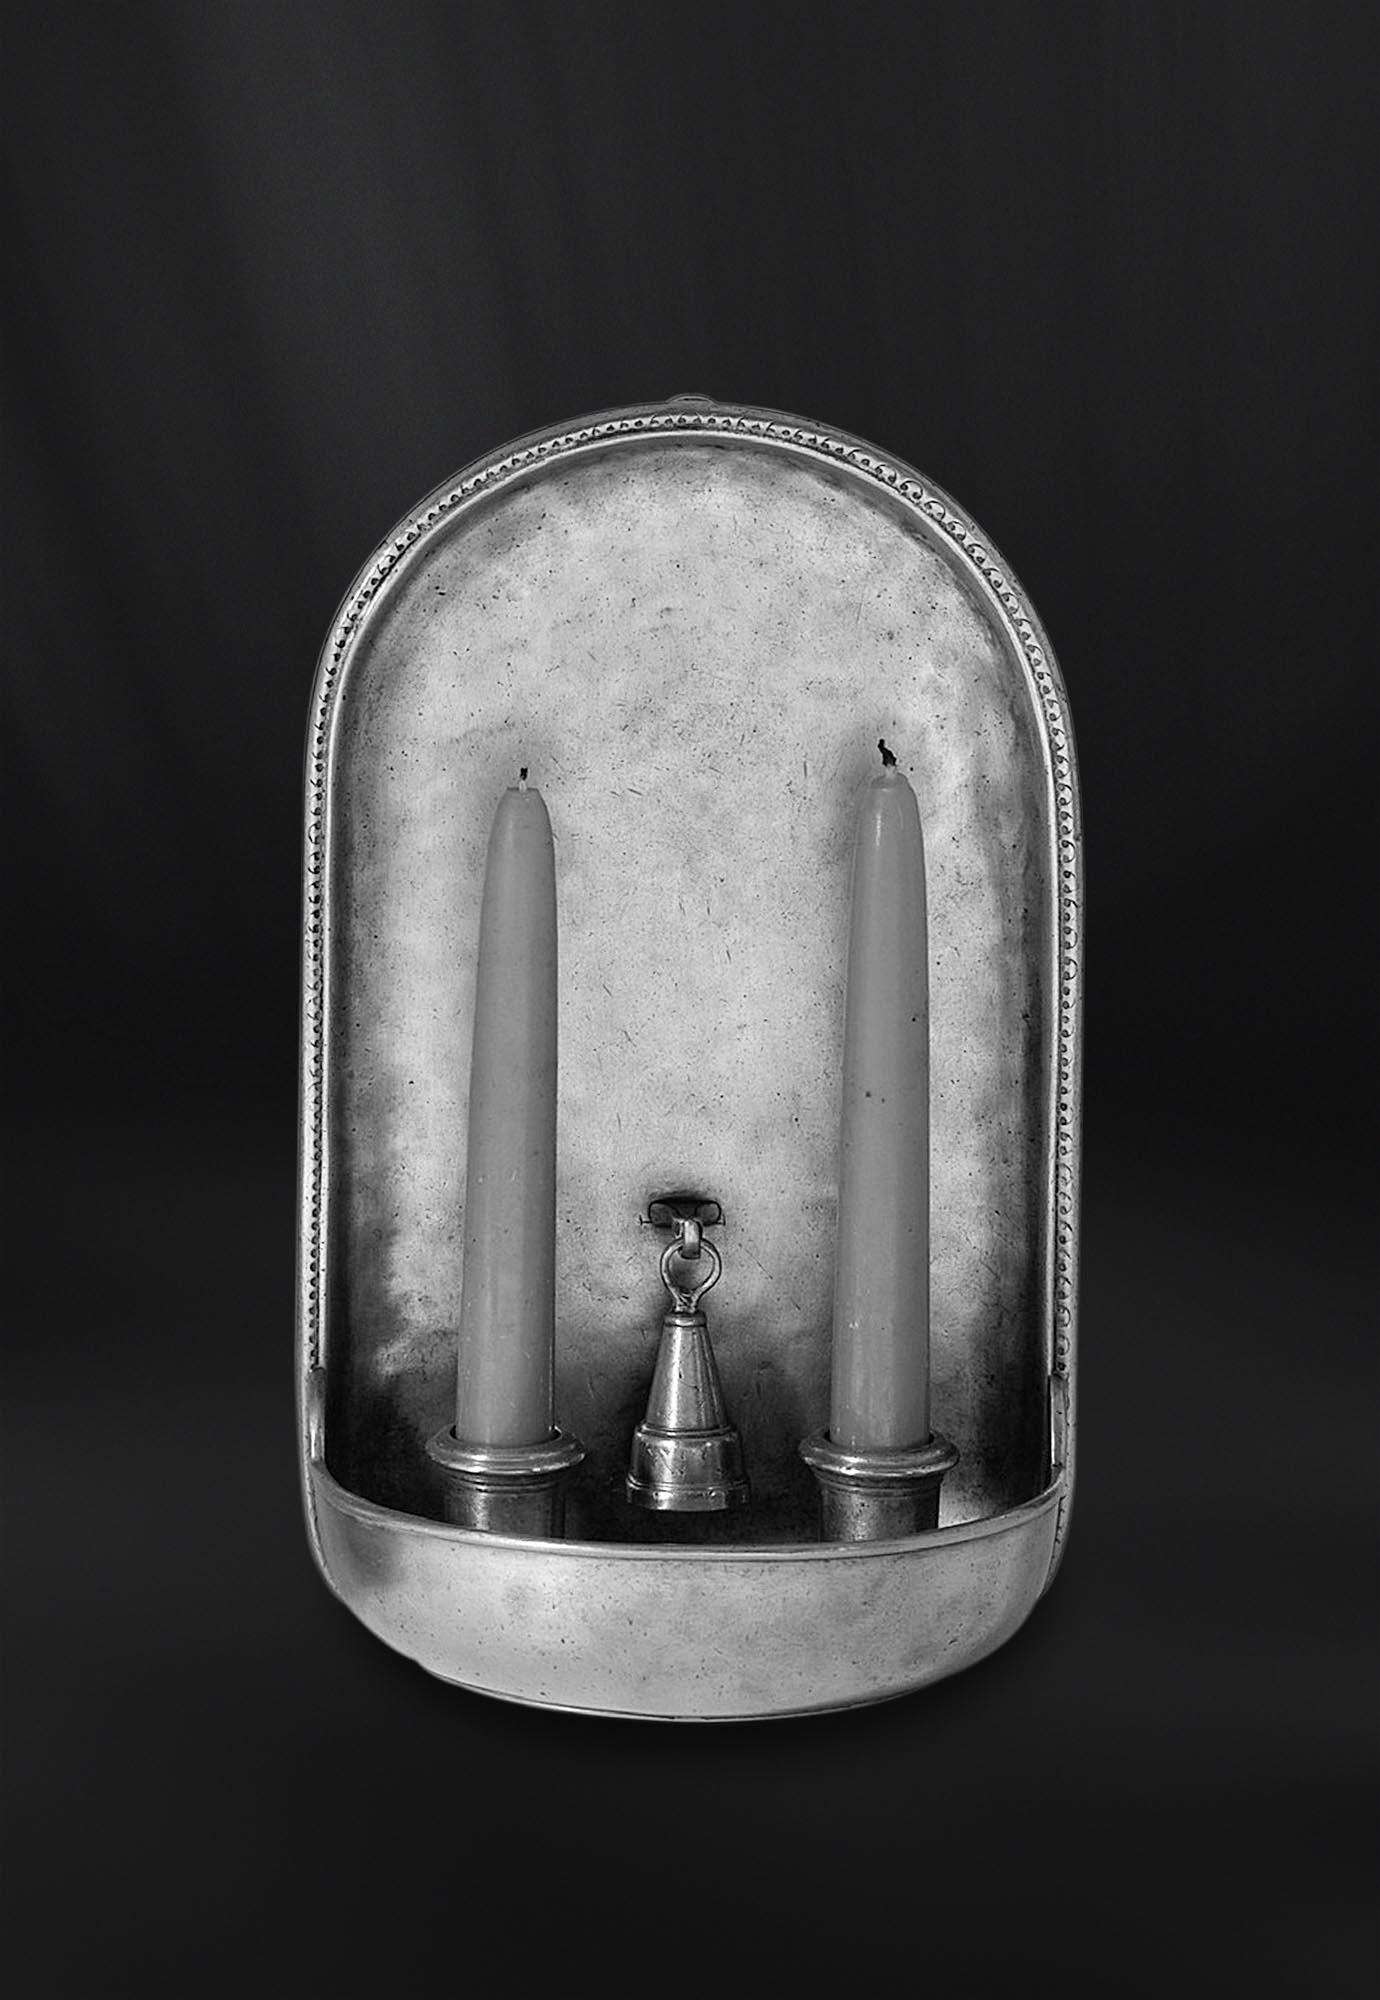 APPLIQUE etain antique